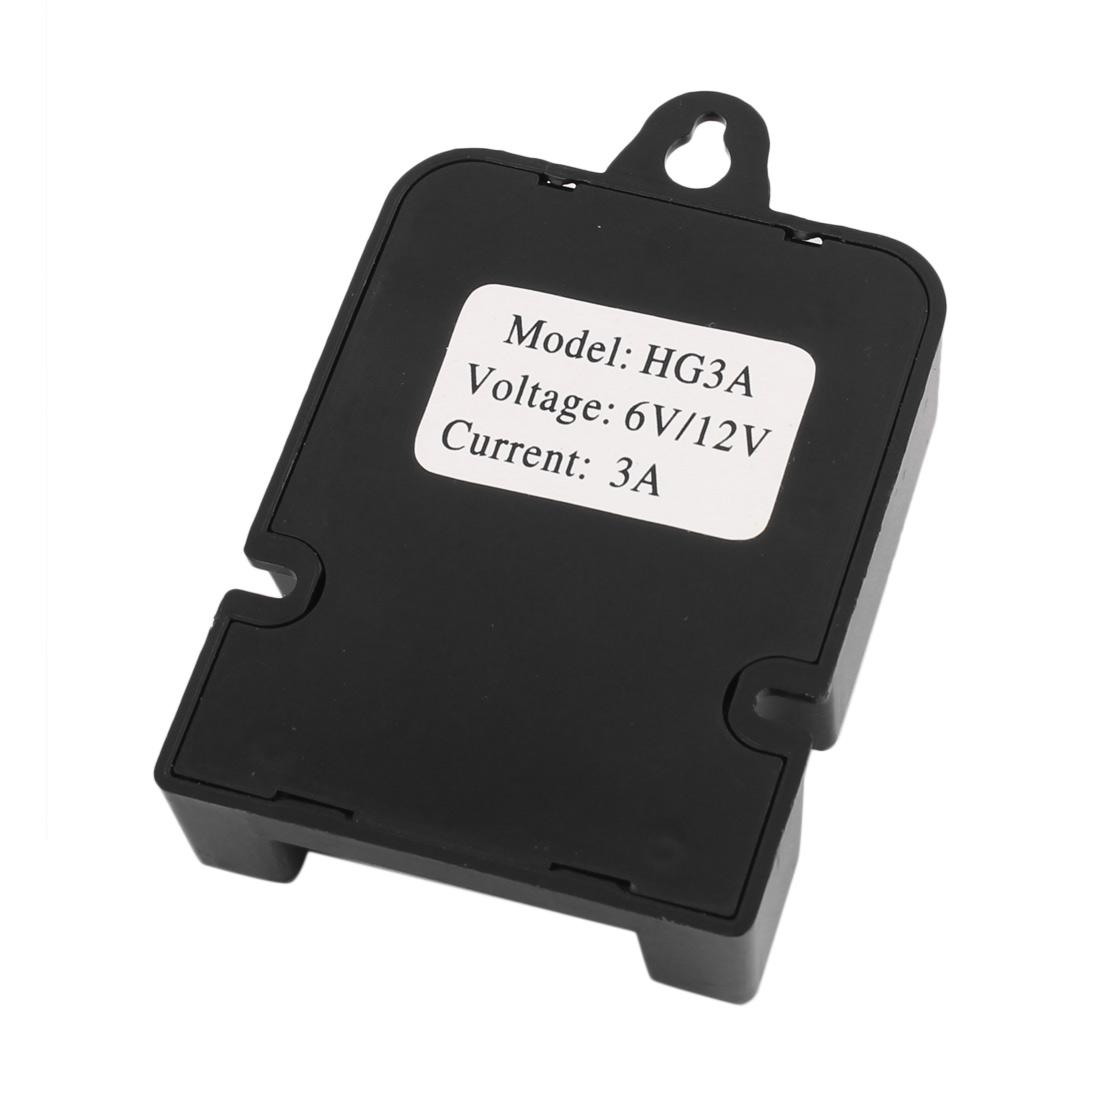 6V/12V 3A PWM Solar Panel Charge Controller Regulator Safe Protection - image 2 of 3